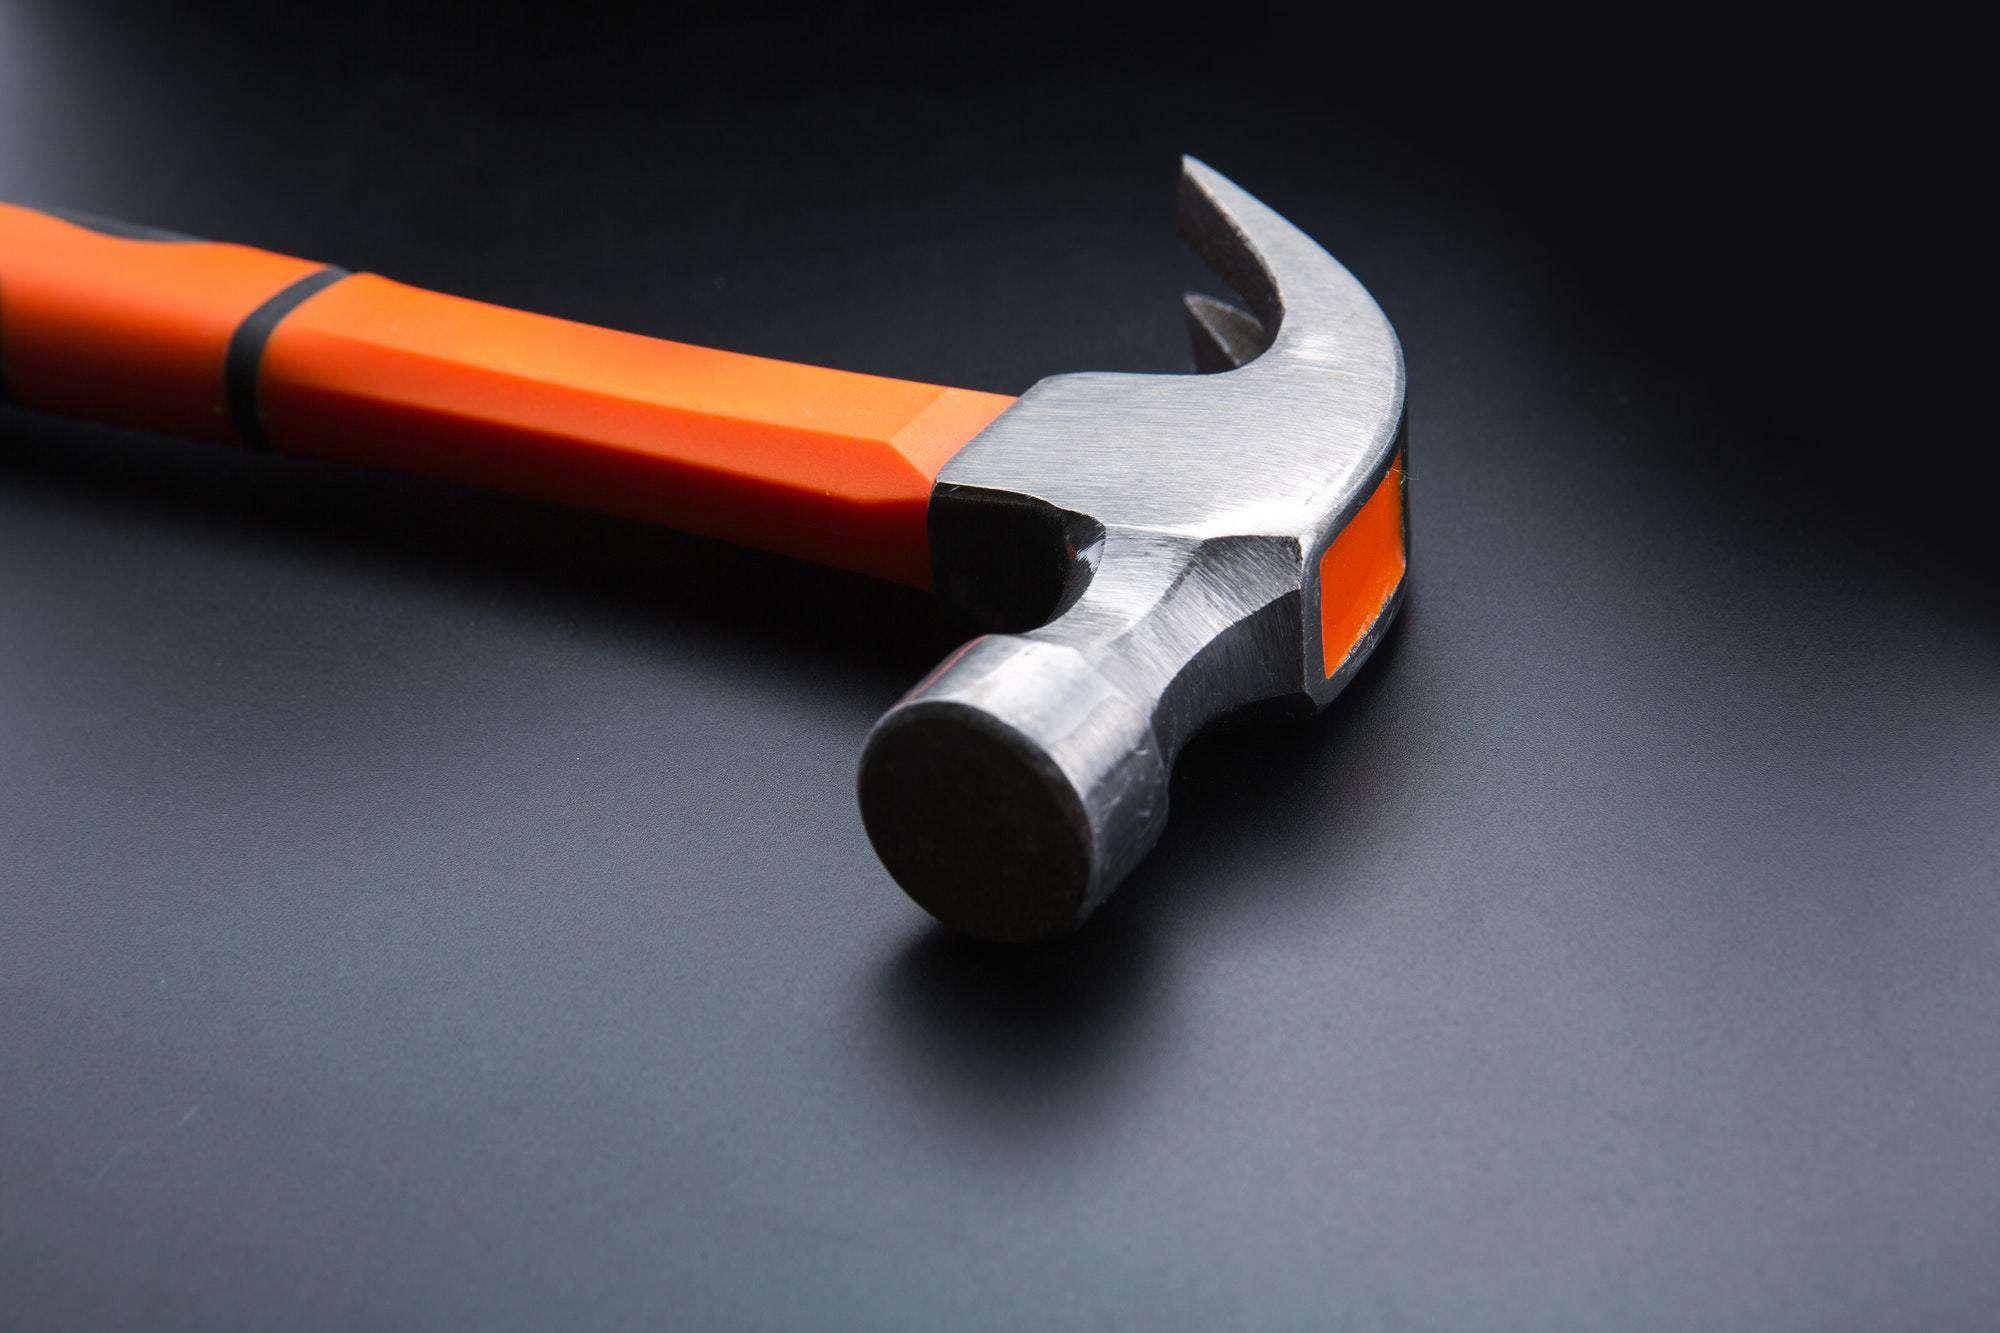 Orange hammer on dark matt background, closeup